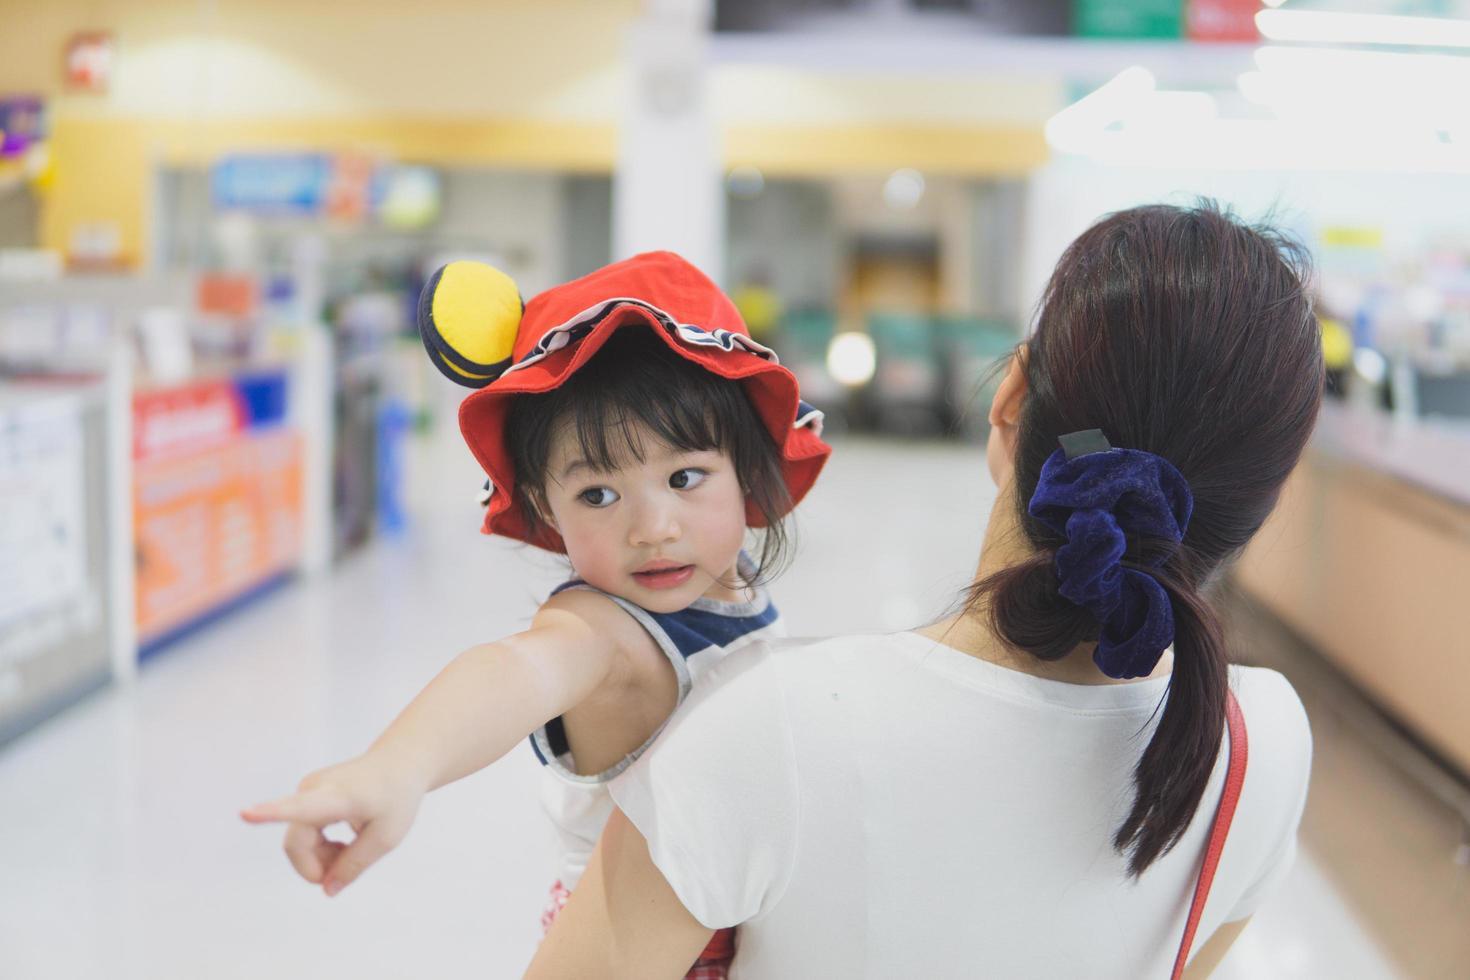 madre e hijo en un supermercado foto